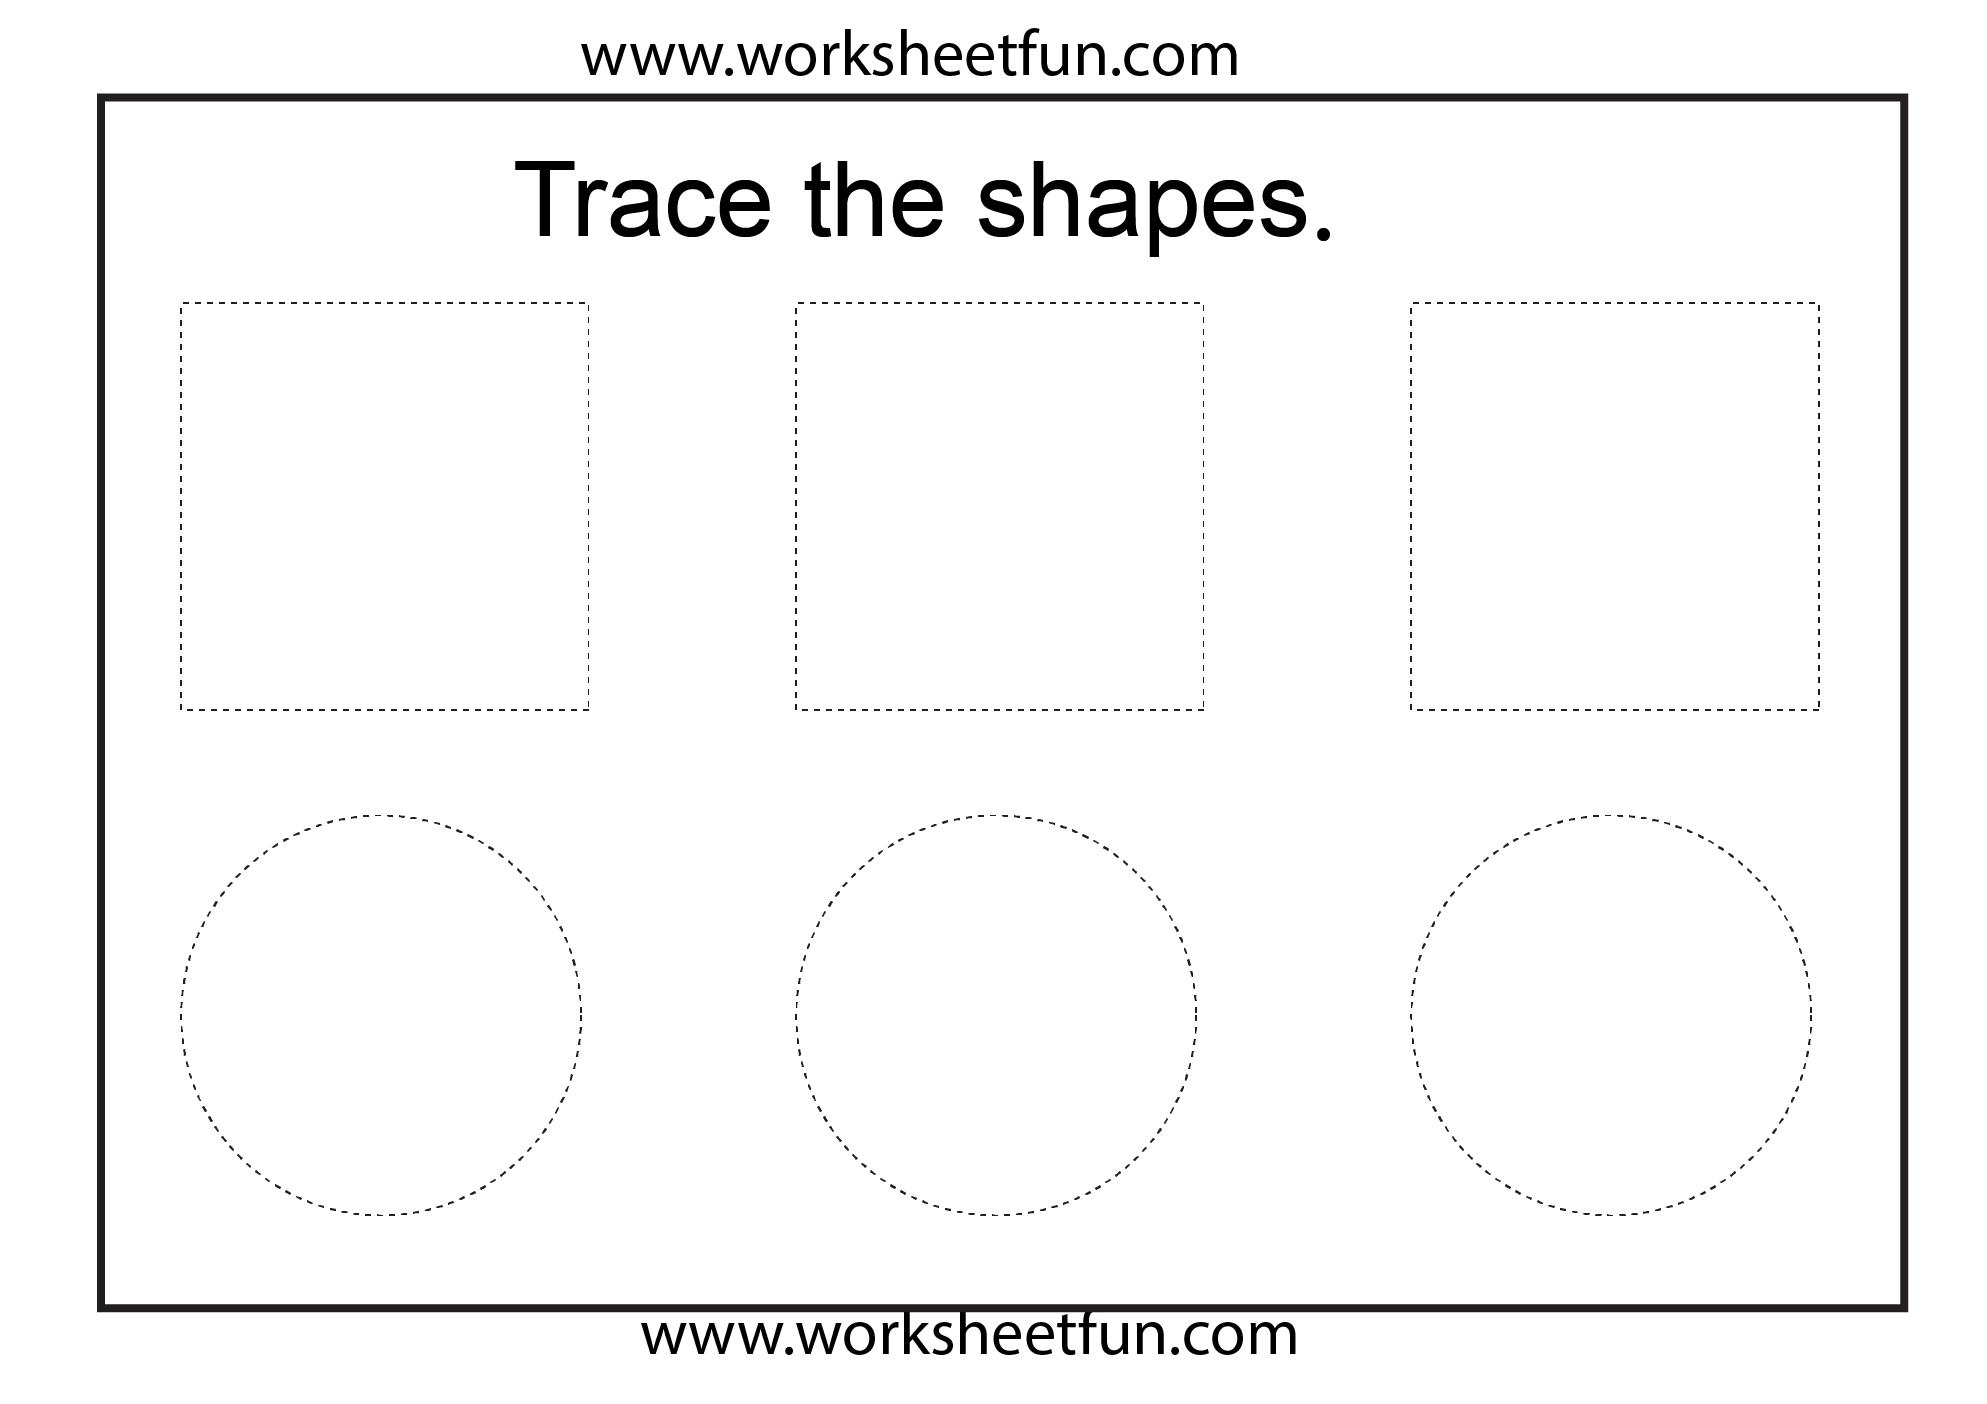 Shape Tracing 1 Worksheet Free Printable Worksheets